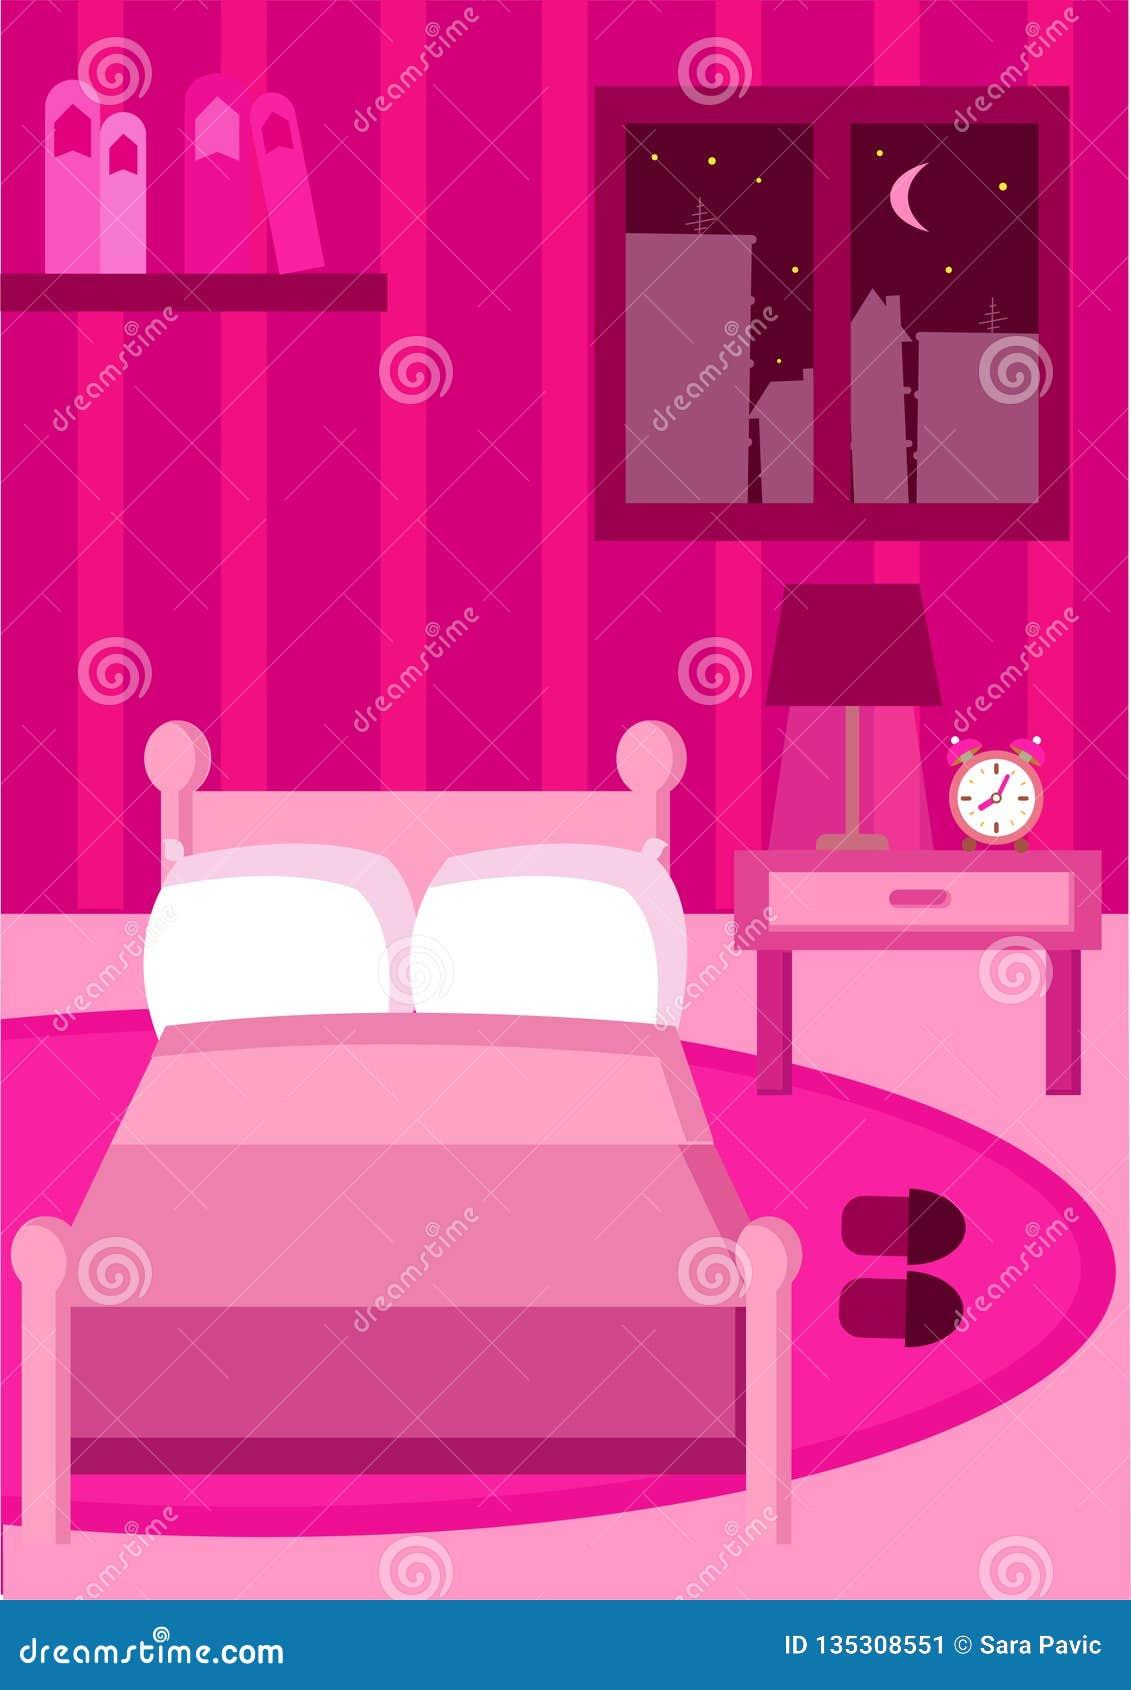 Schlafzimmer alles in der rosa Farbe mit allen rosa Möbeln